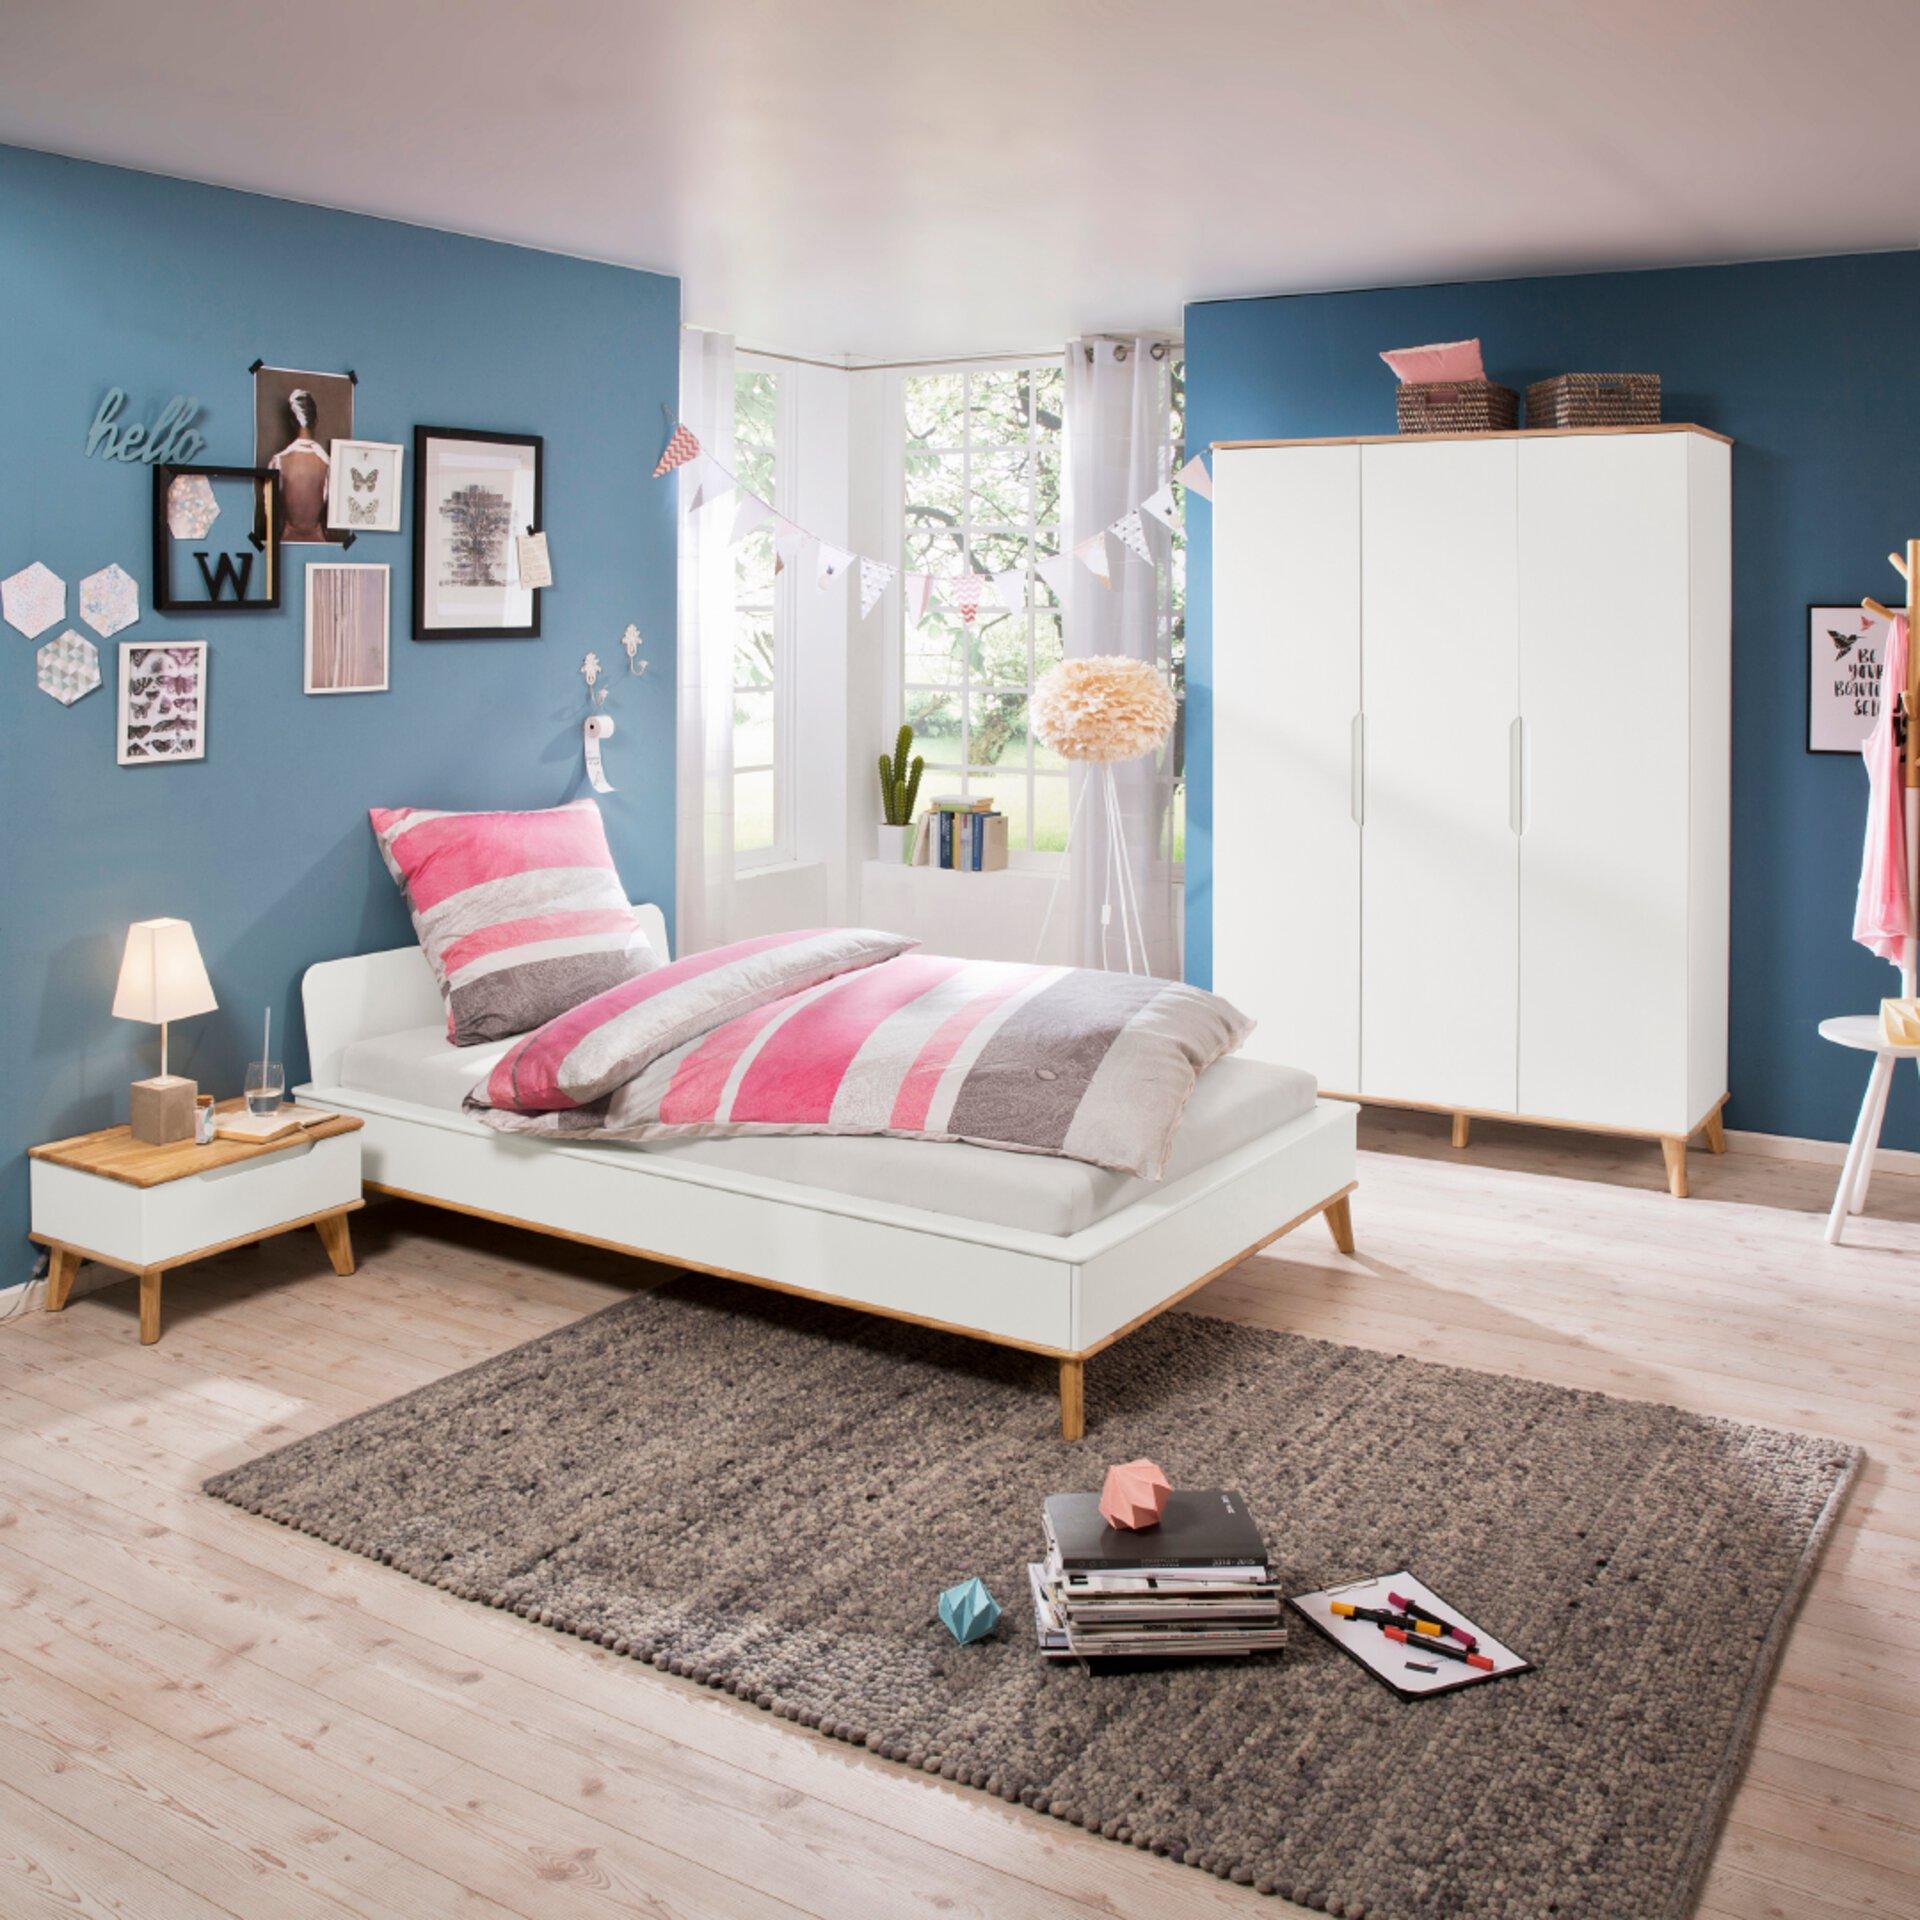 Kinderzimmer-Set 3tlg. von Portobello